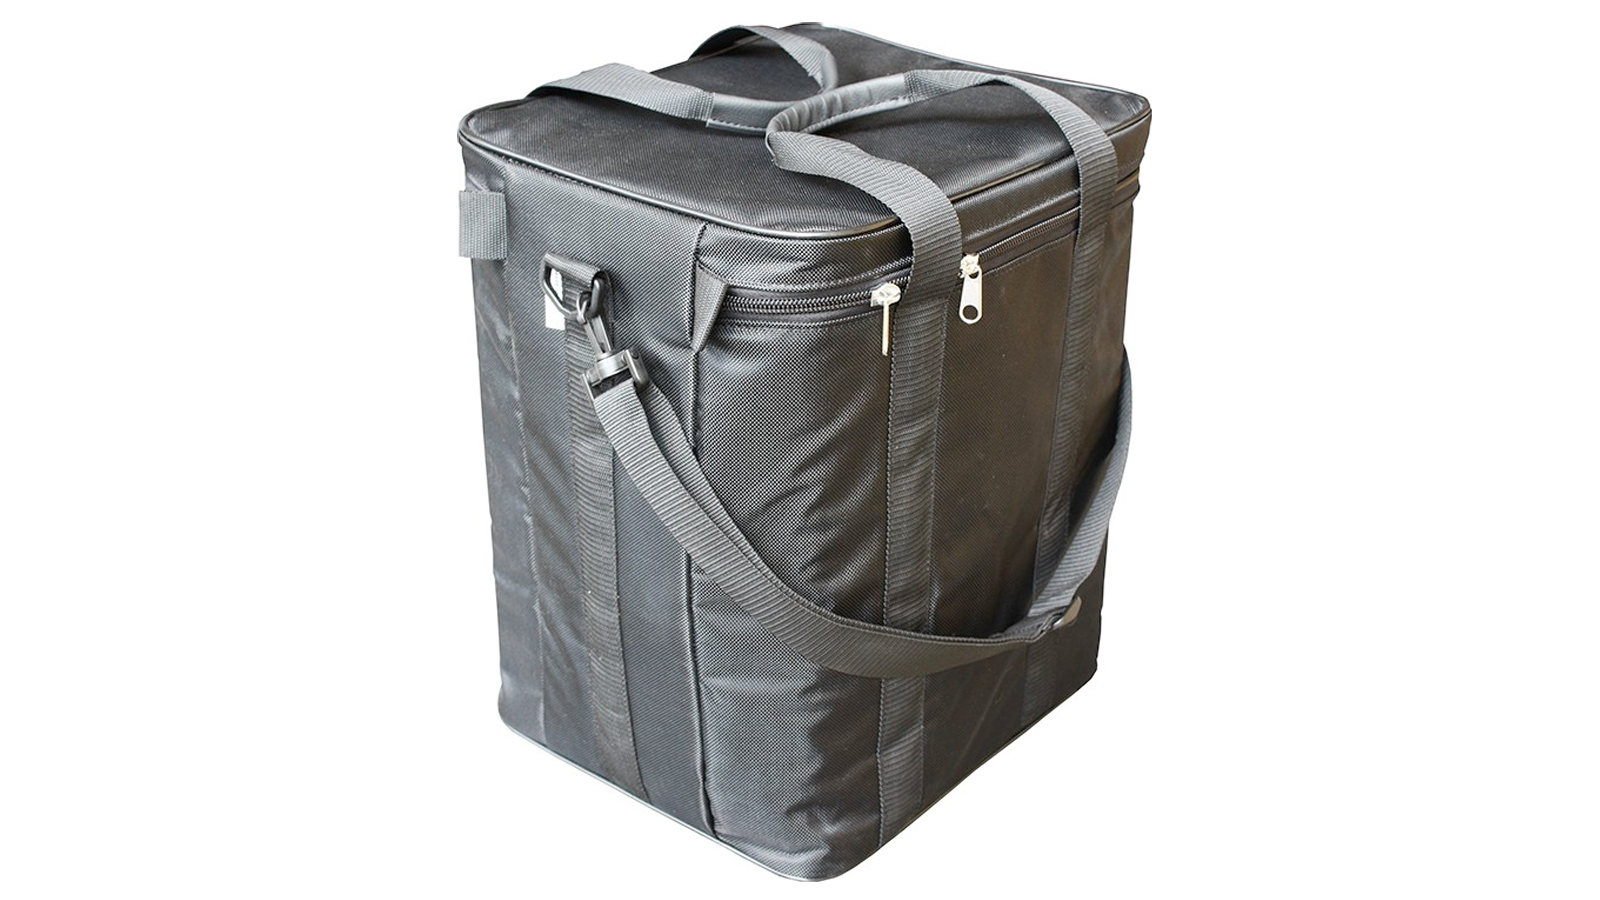 ACUS ONE-6 Bag